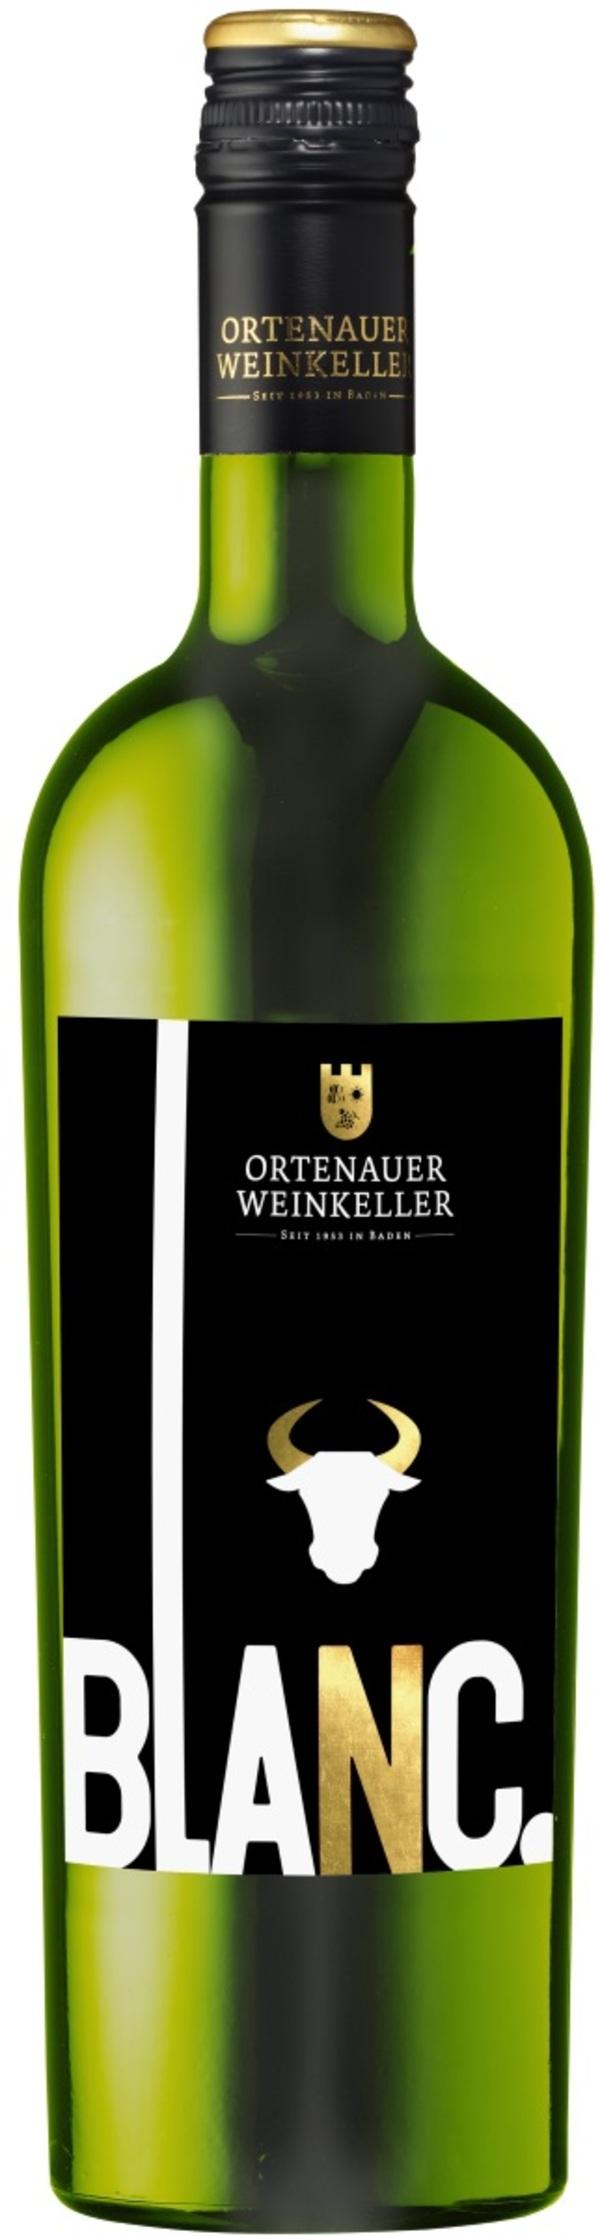 Ortenauer Weinkeller Pinot Blanc Auxerrois trocken